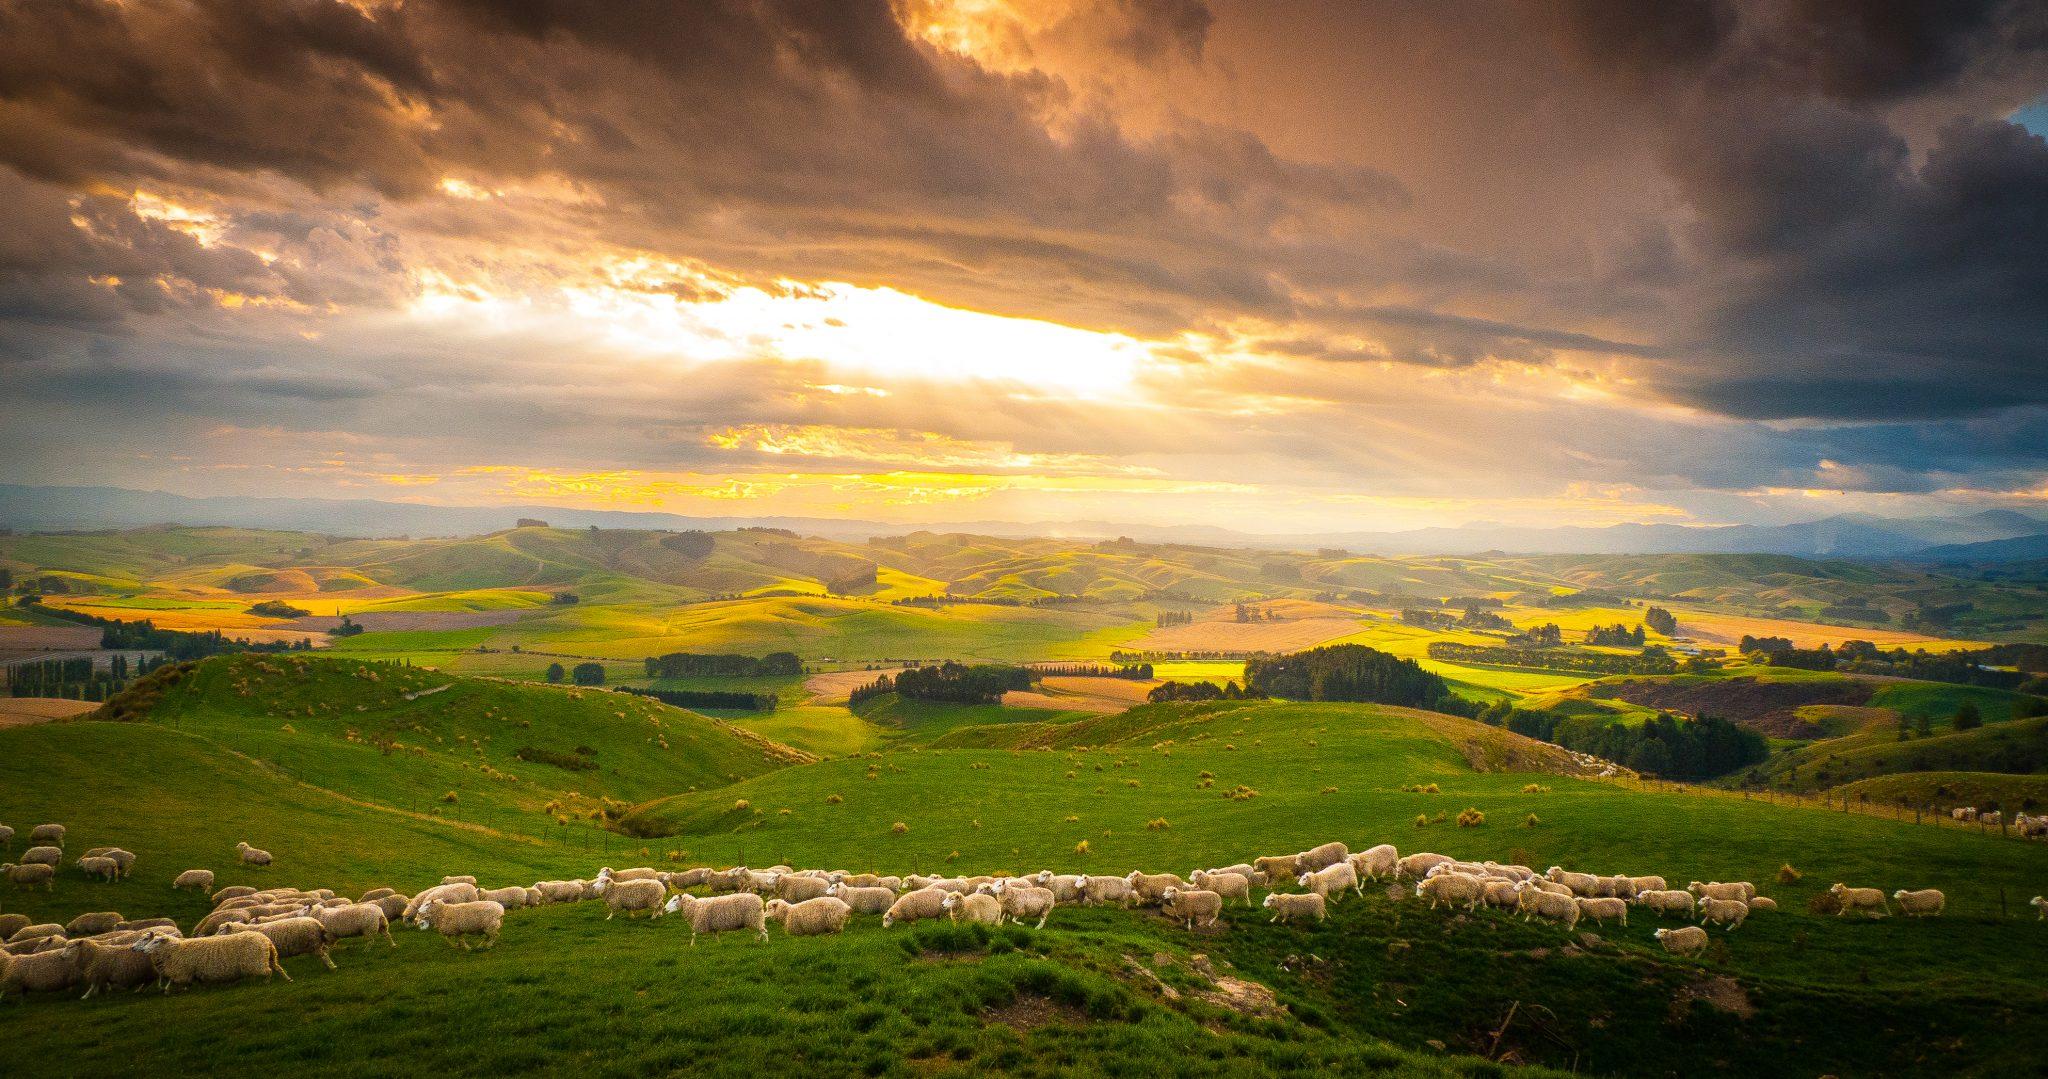 """Schafherde in der idyllischen Landschaft Neuseelands in """"Wildes Neuseeland - Inseln am Ende der Welt"""" © polyband Medien GmbH"""